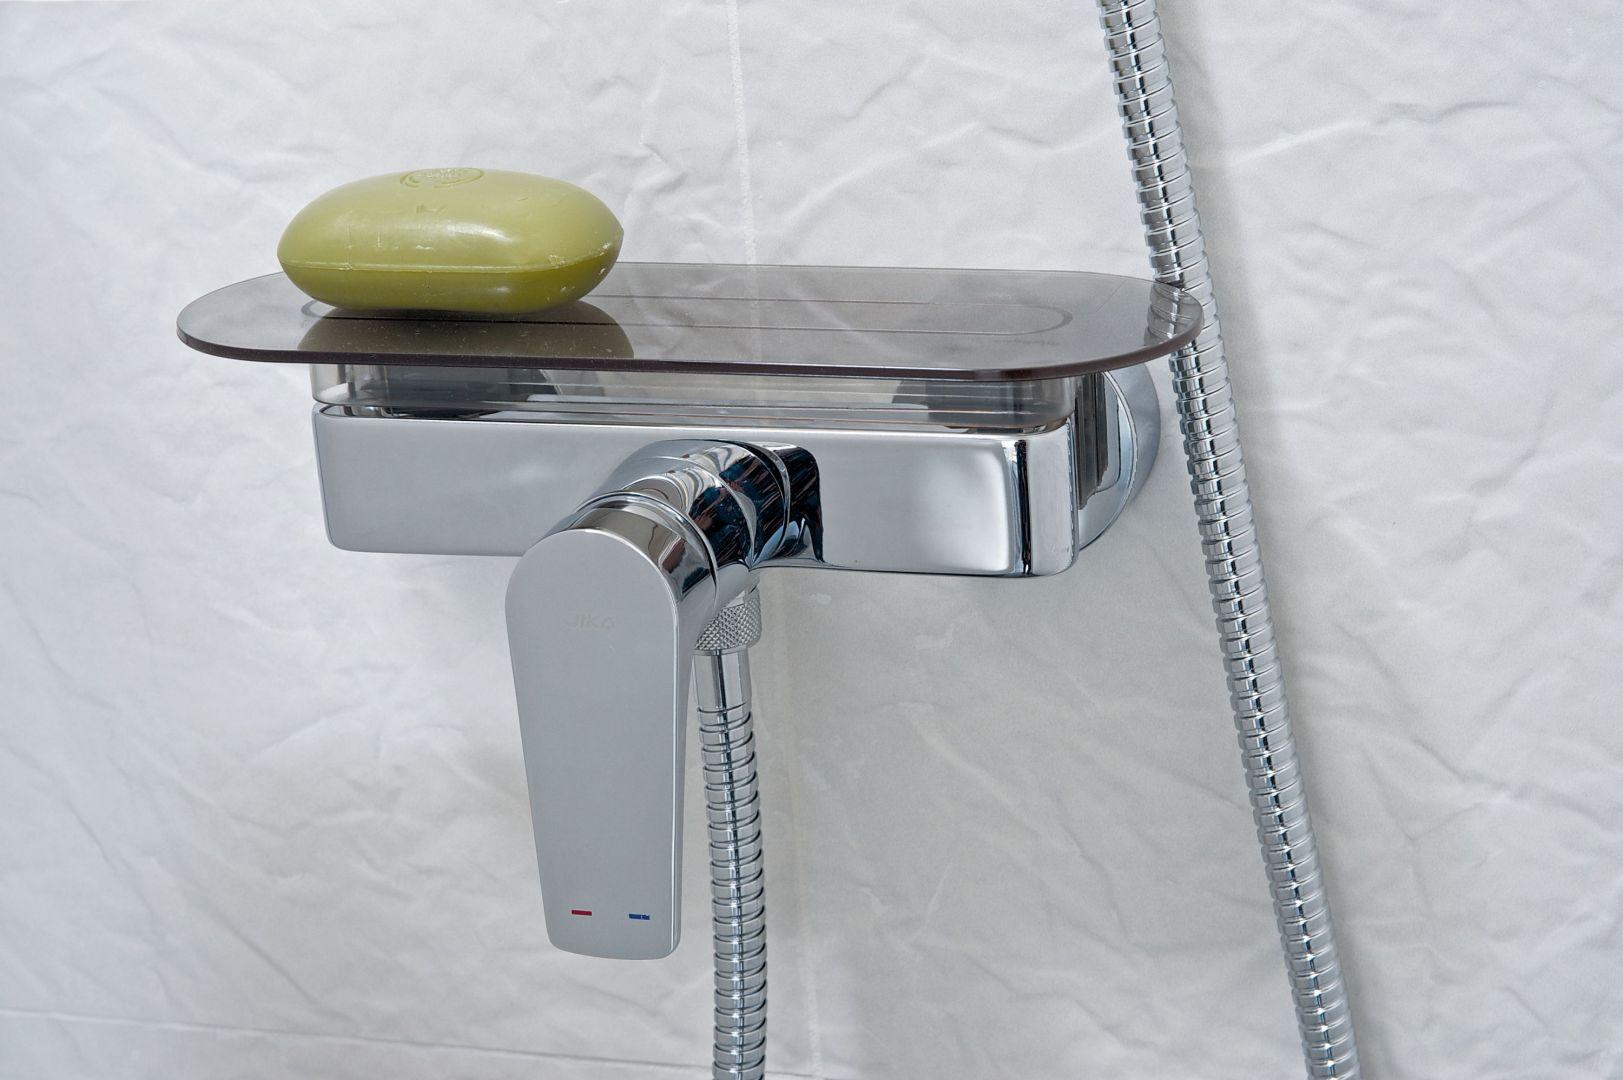 Sprchové hadice